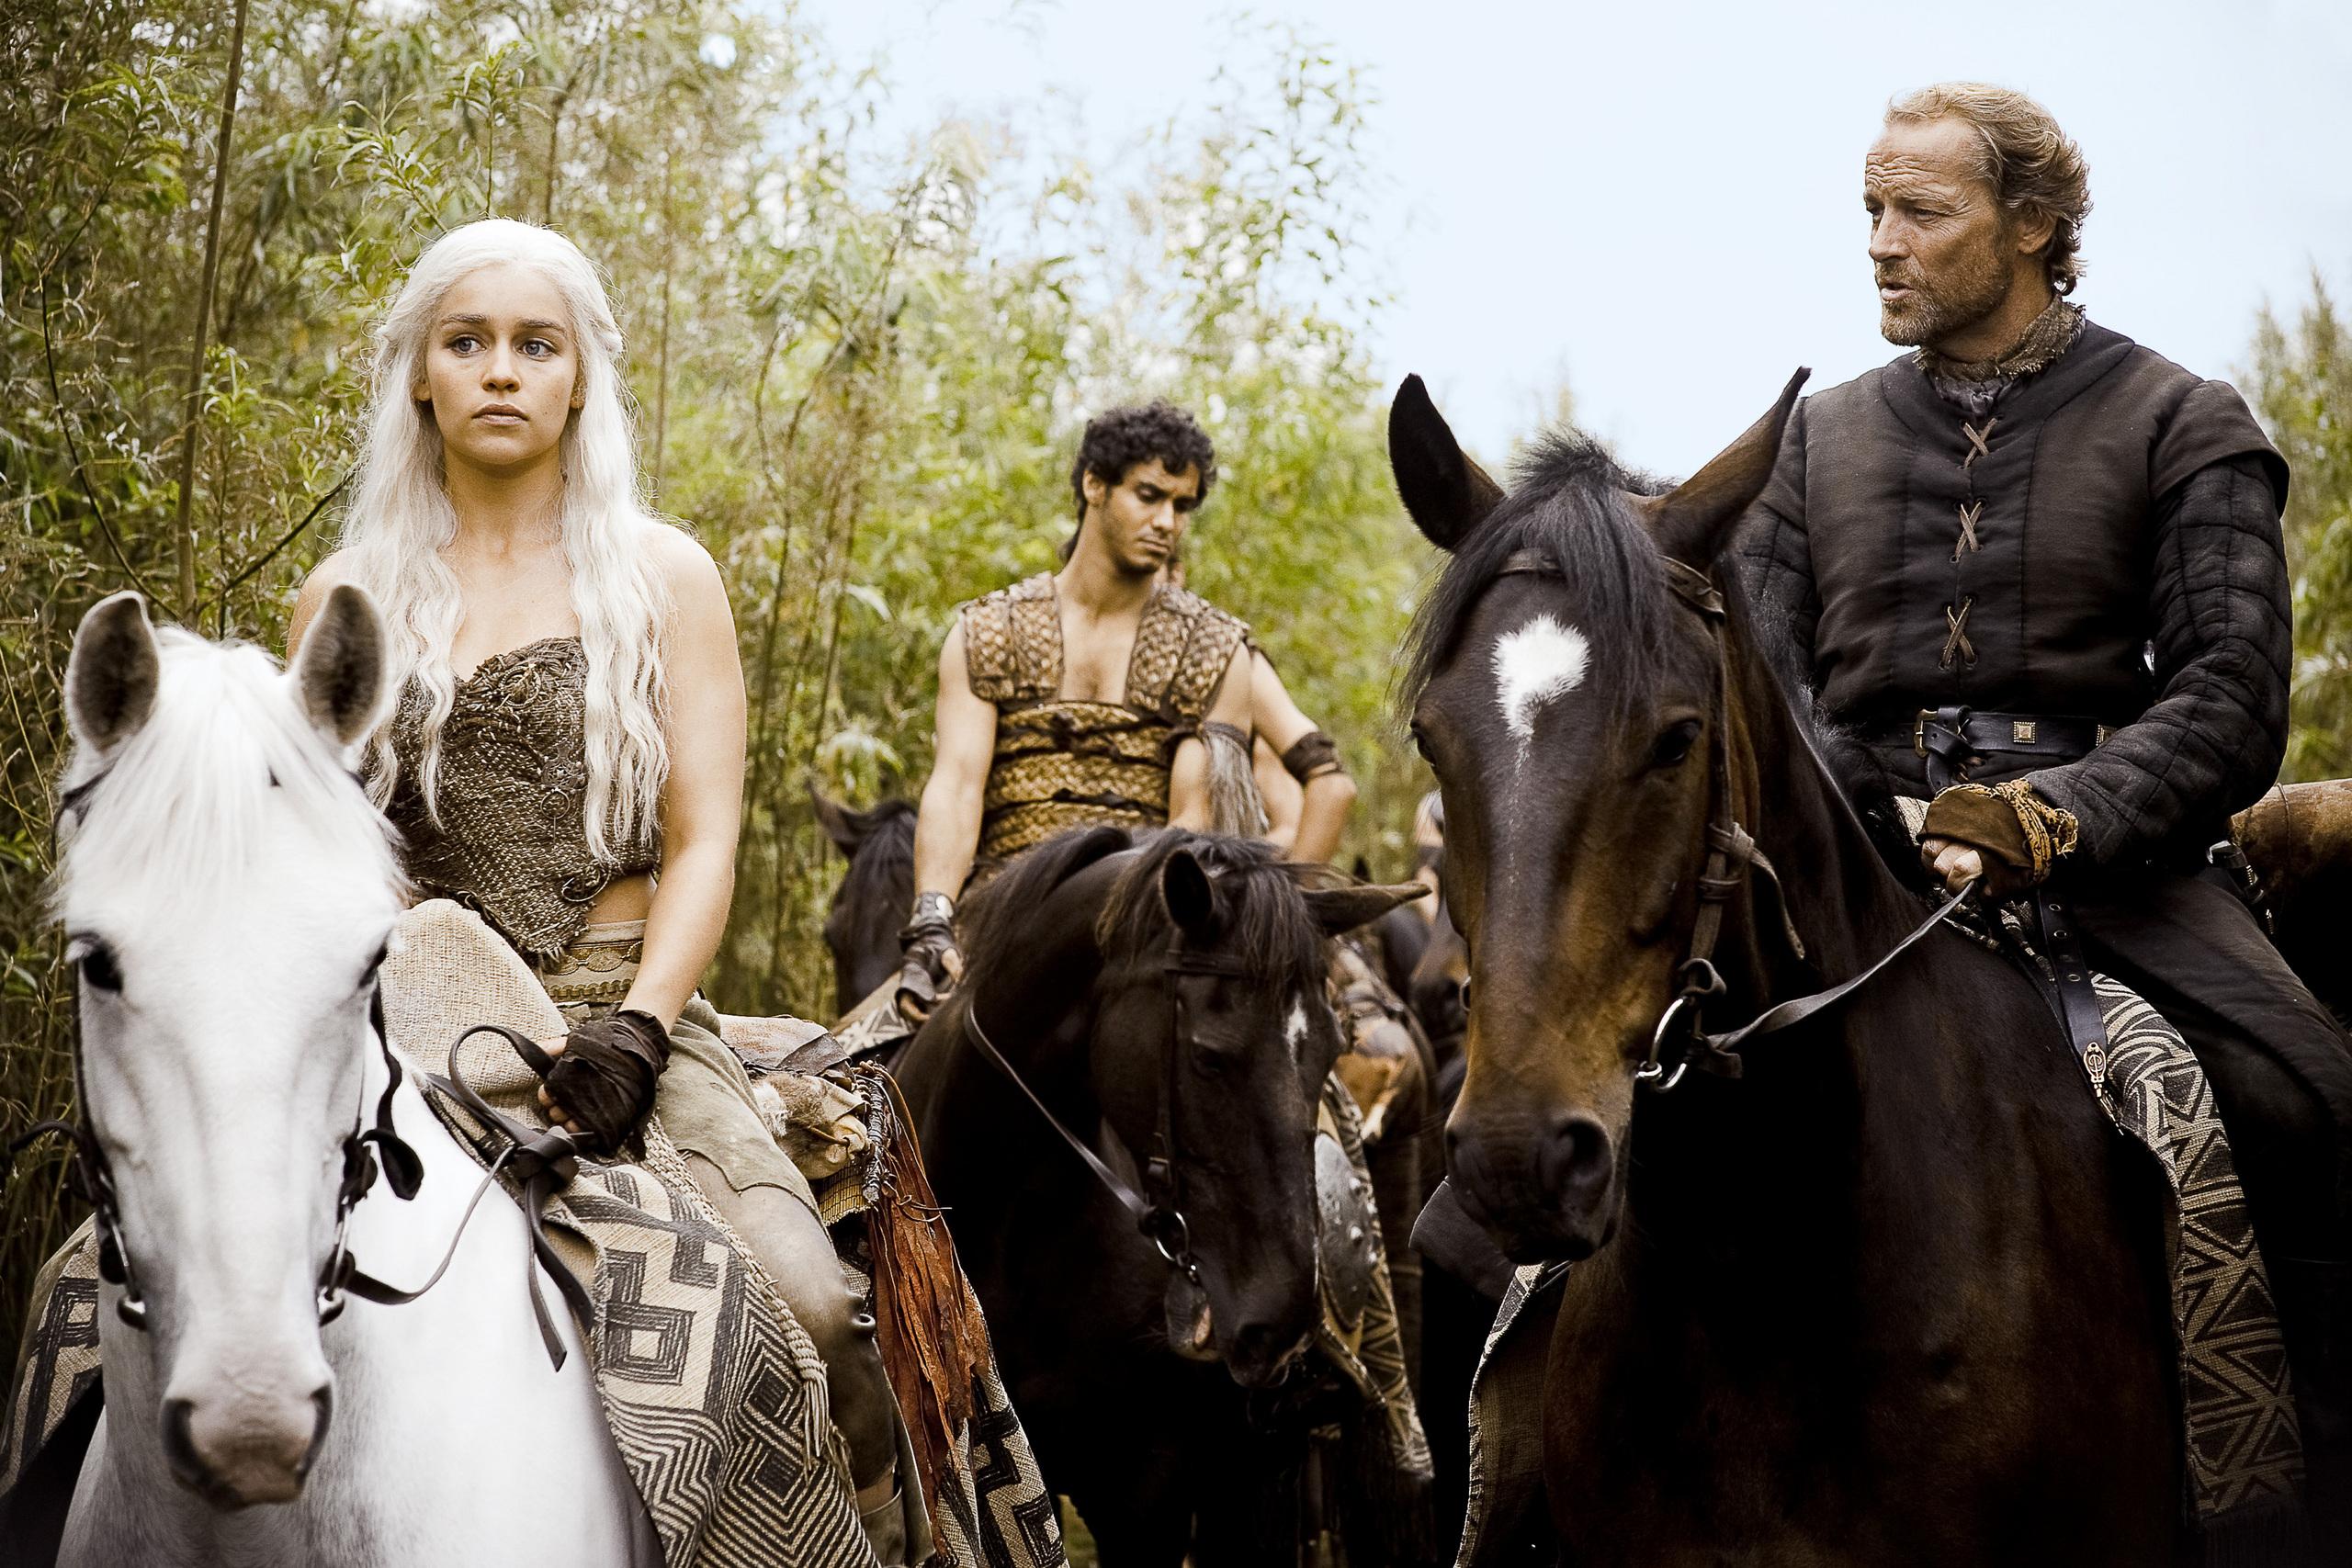 Daenerys and Jorah - Jorah & Daenerys Photo (29388370) - Fanpop